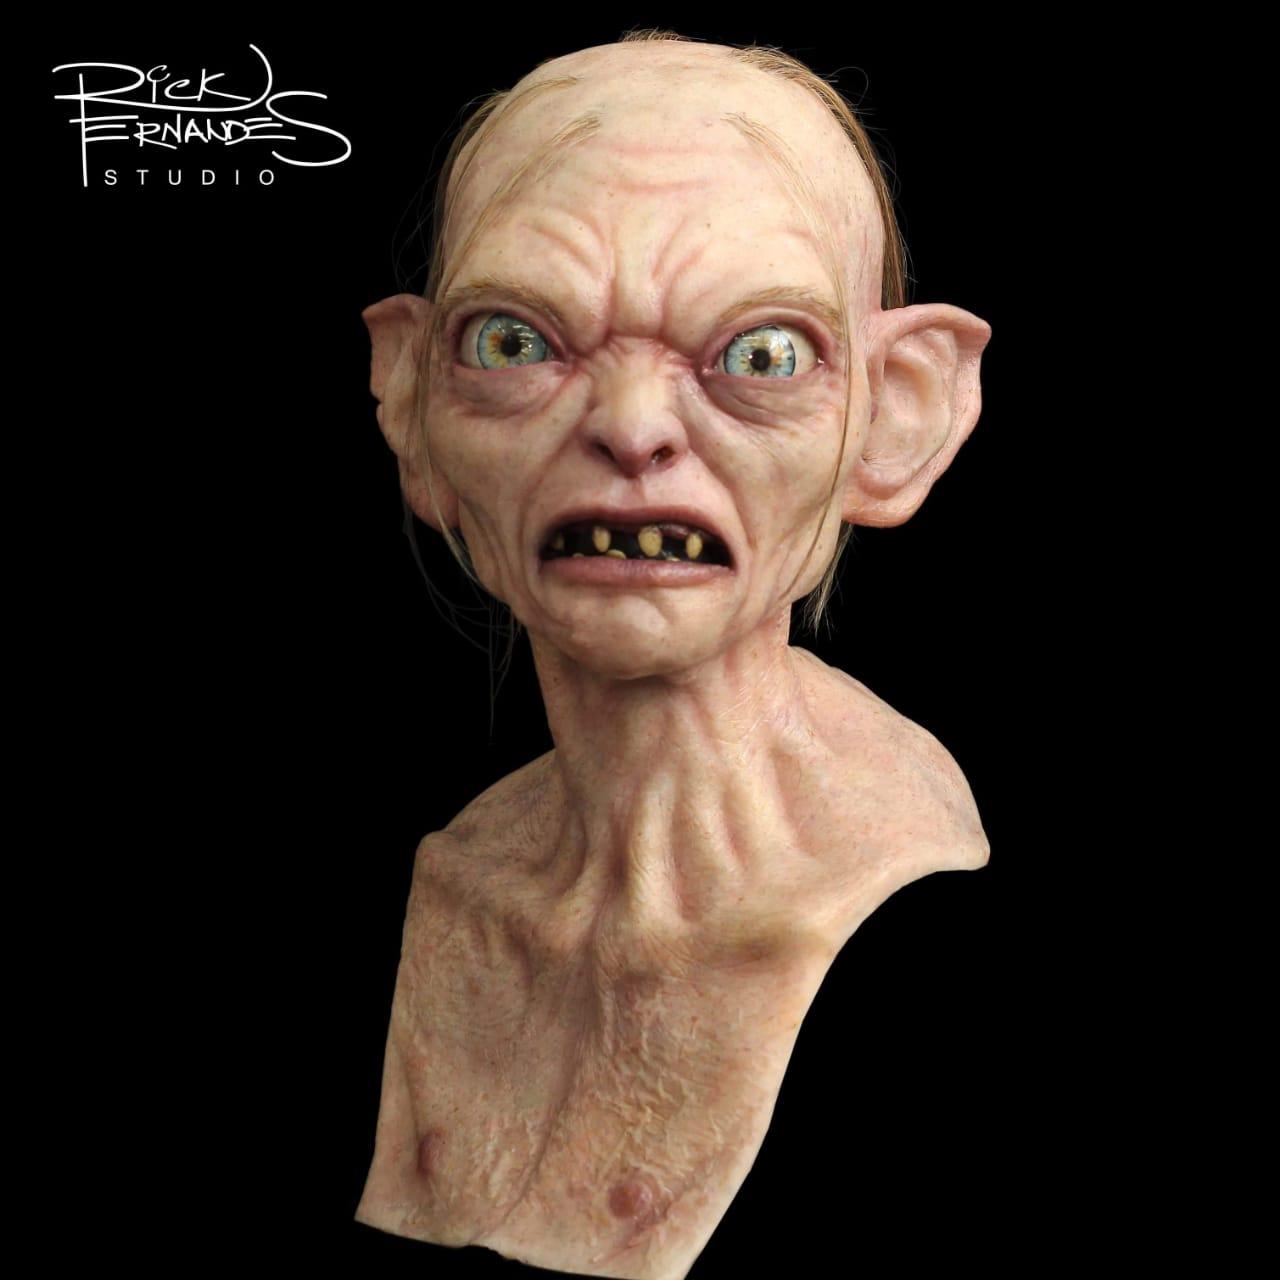 Busto Gollum Life Size: Senhor dos Anéis (Lord of the Rings) - Escala 1/1 (Apenas venda online)